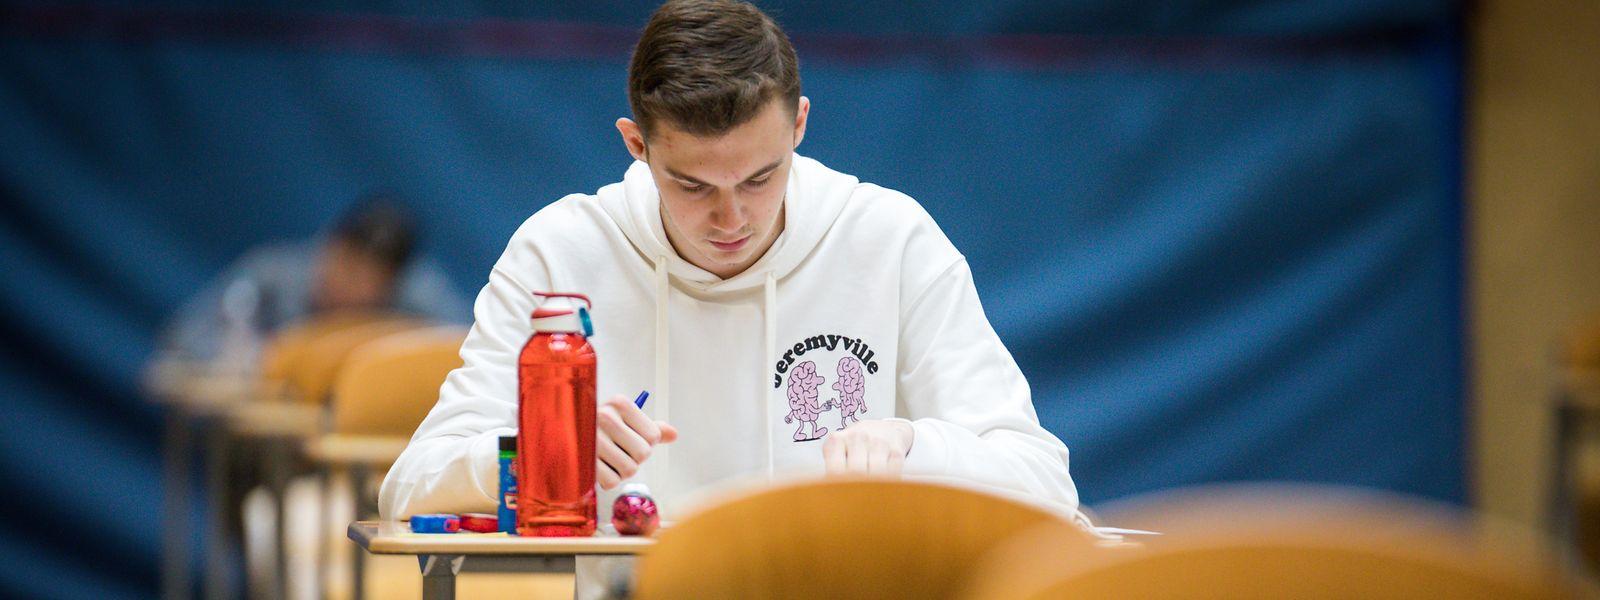 Das letzte schriftliche Examen haben die Sécondaire-général-Schüler in einem Wahlfach.